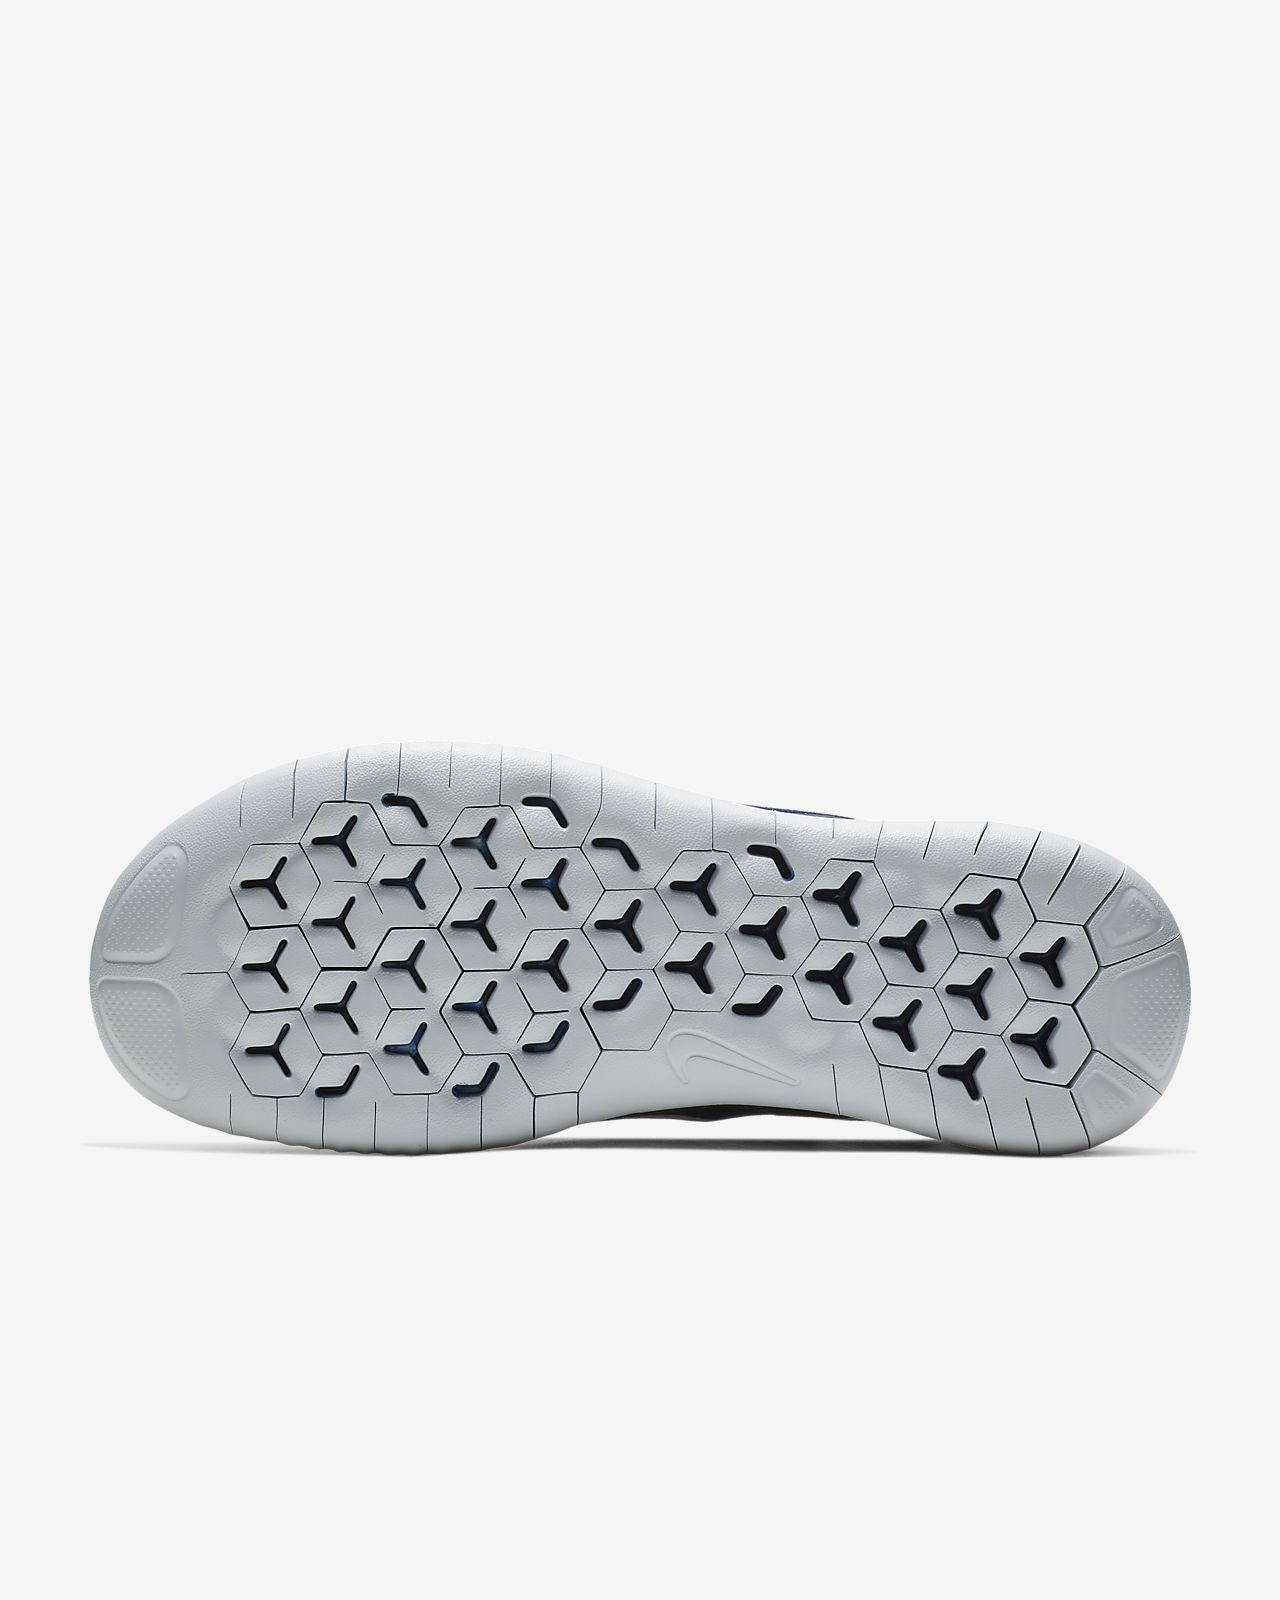 0ba54581ecd5 Nike Free RN 2018 Women s Running Shoe. Nike.com